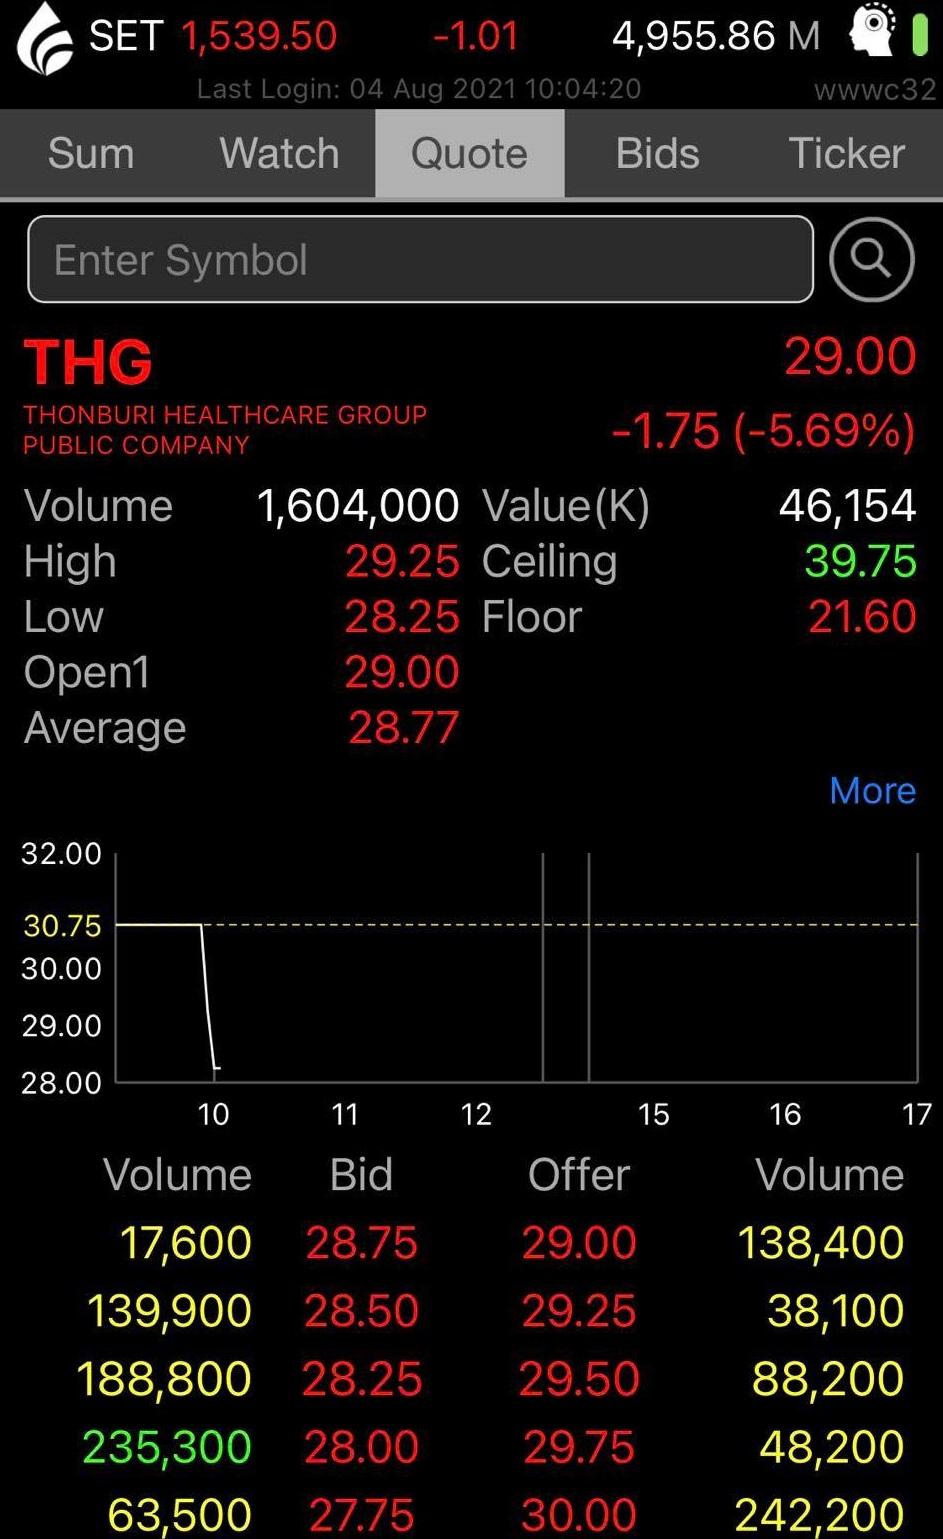 THG set